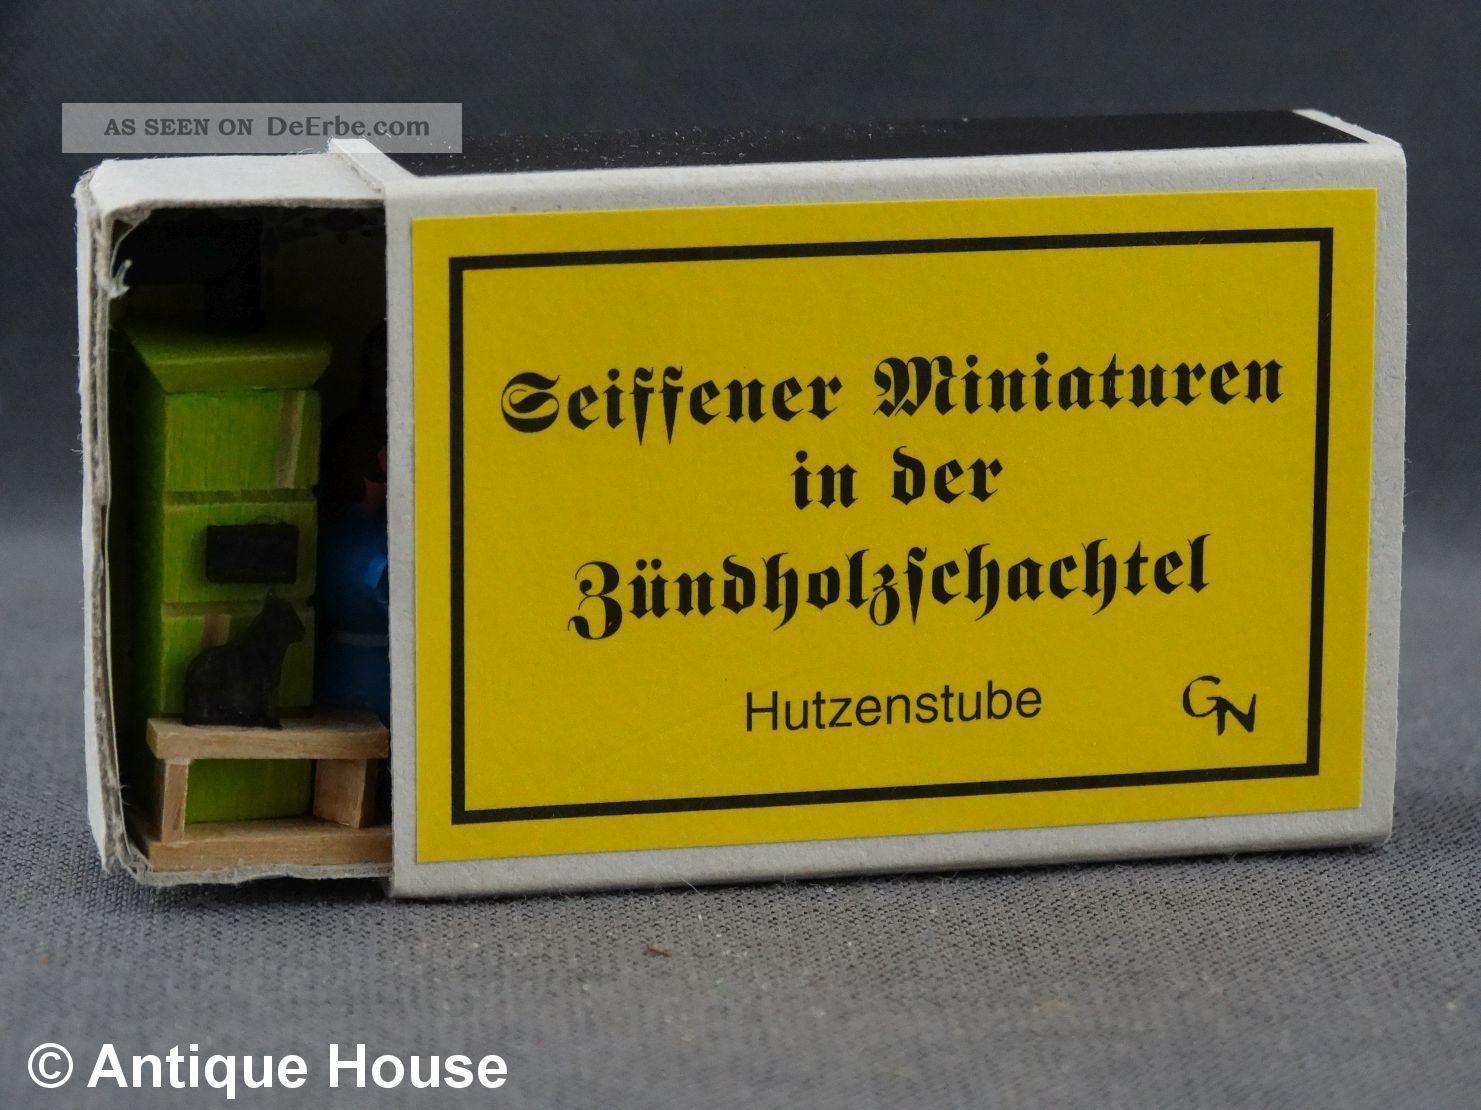 Erzgebirge Volkskunst Seiffener Miniaturen In Der Zündholzschachtel Hutzenstube Objekte nach 1945 Bild